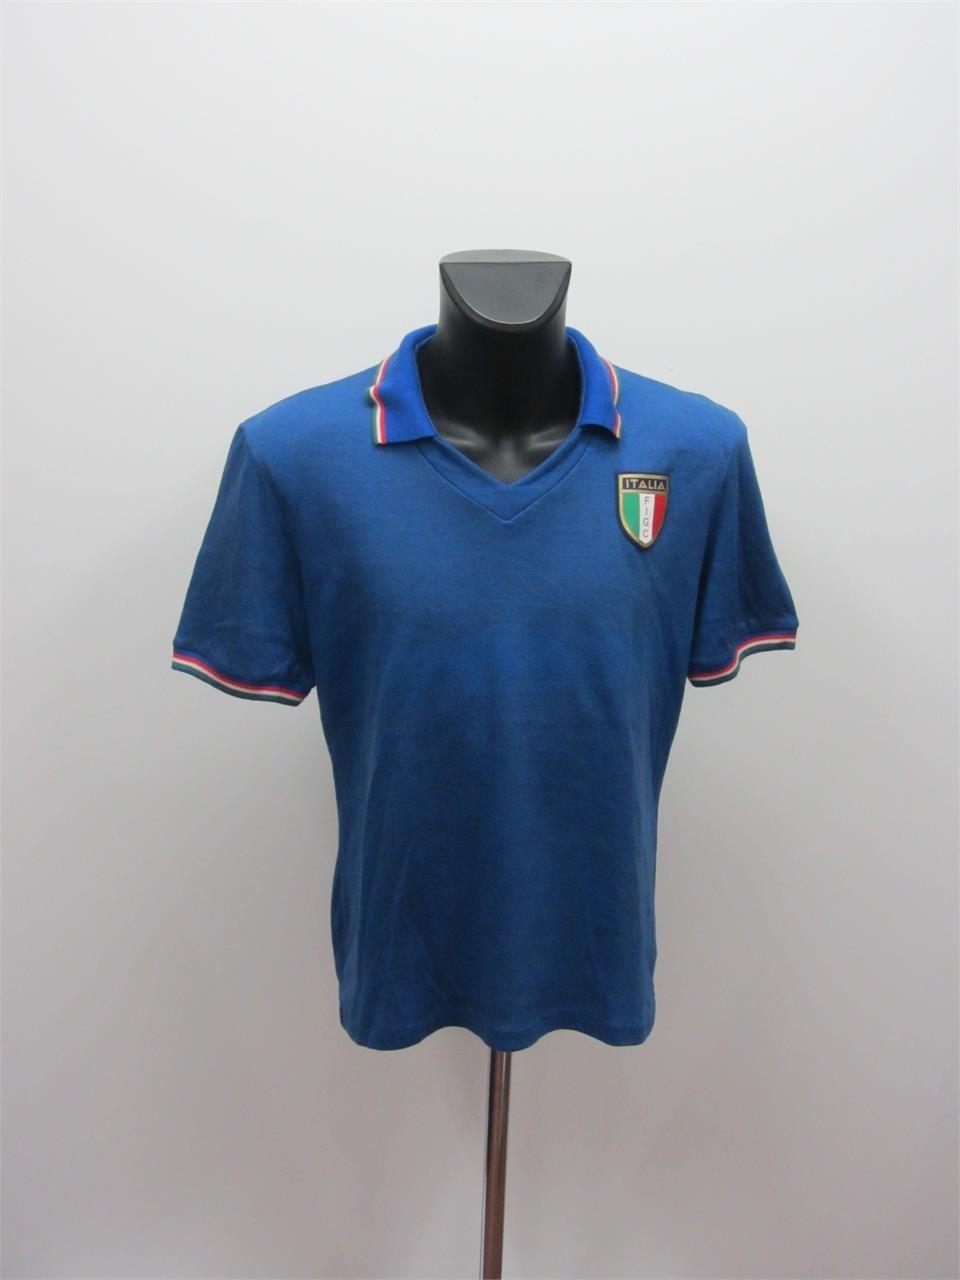 1982,被黑出世界杯的国足,被永远记住的苏格拉